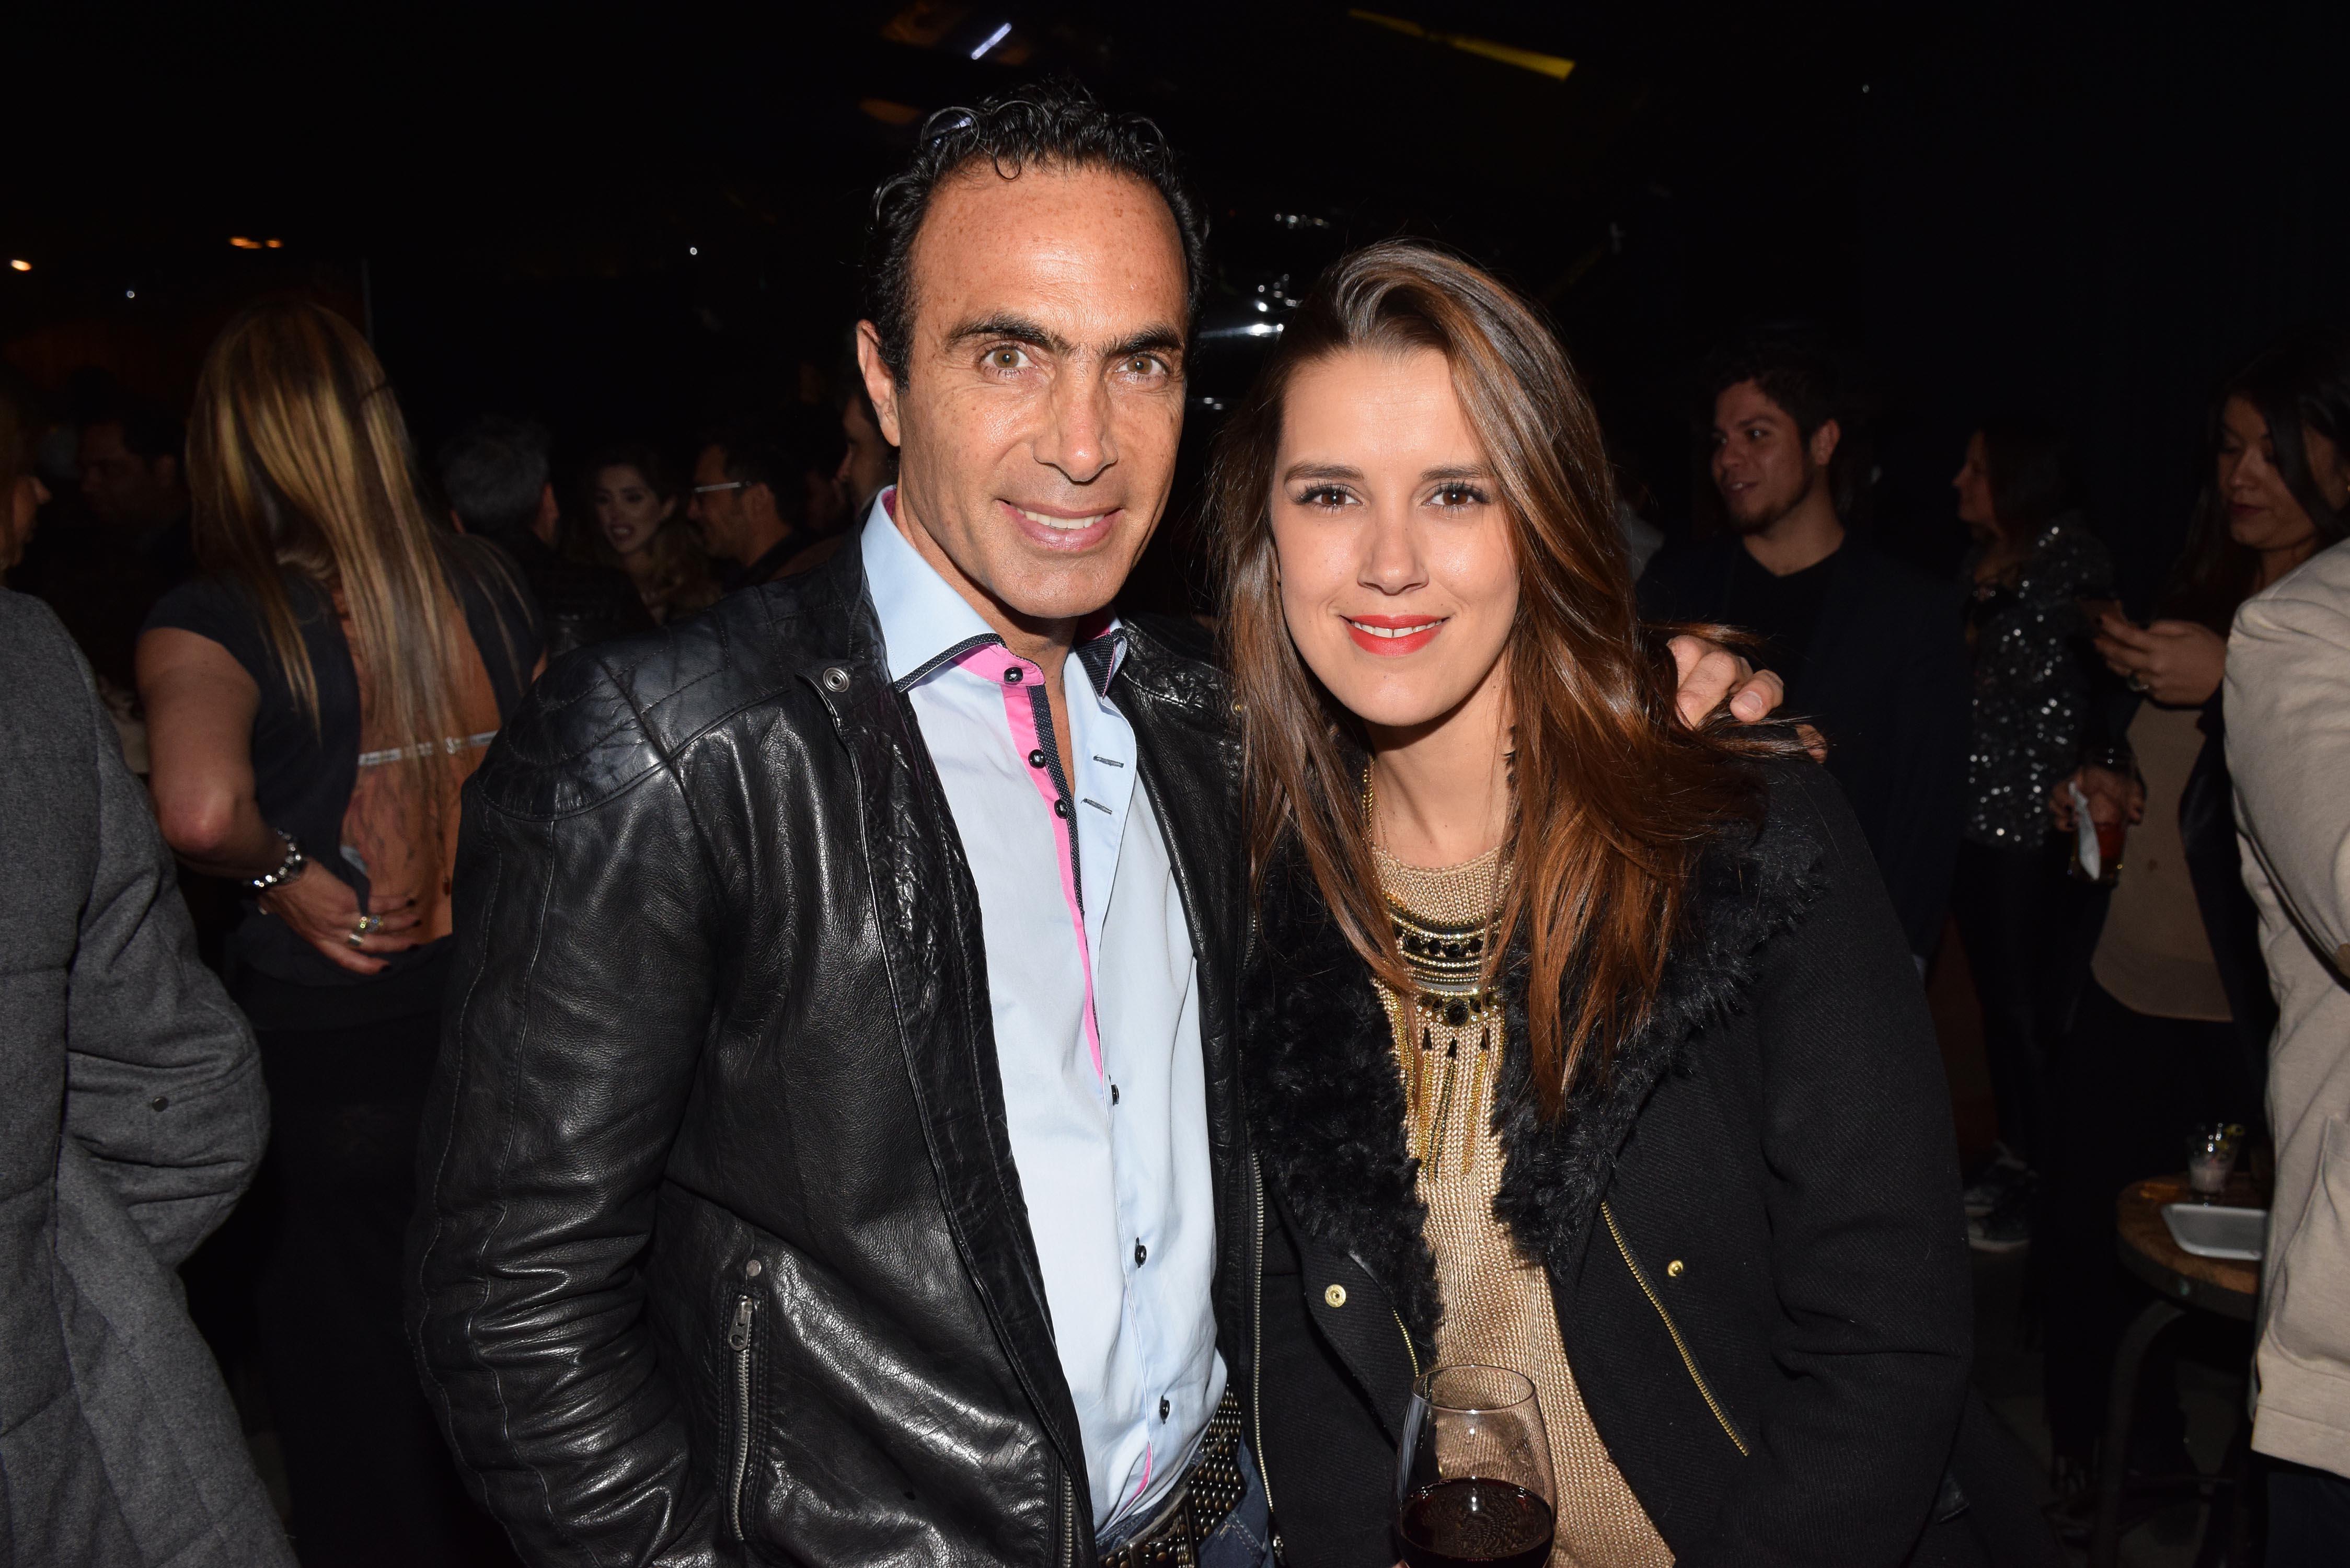 Jose Sapag y Catalina Alemparte